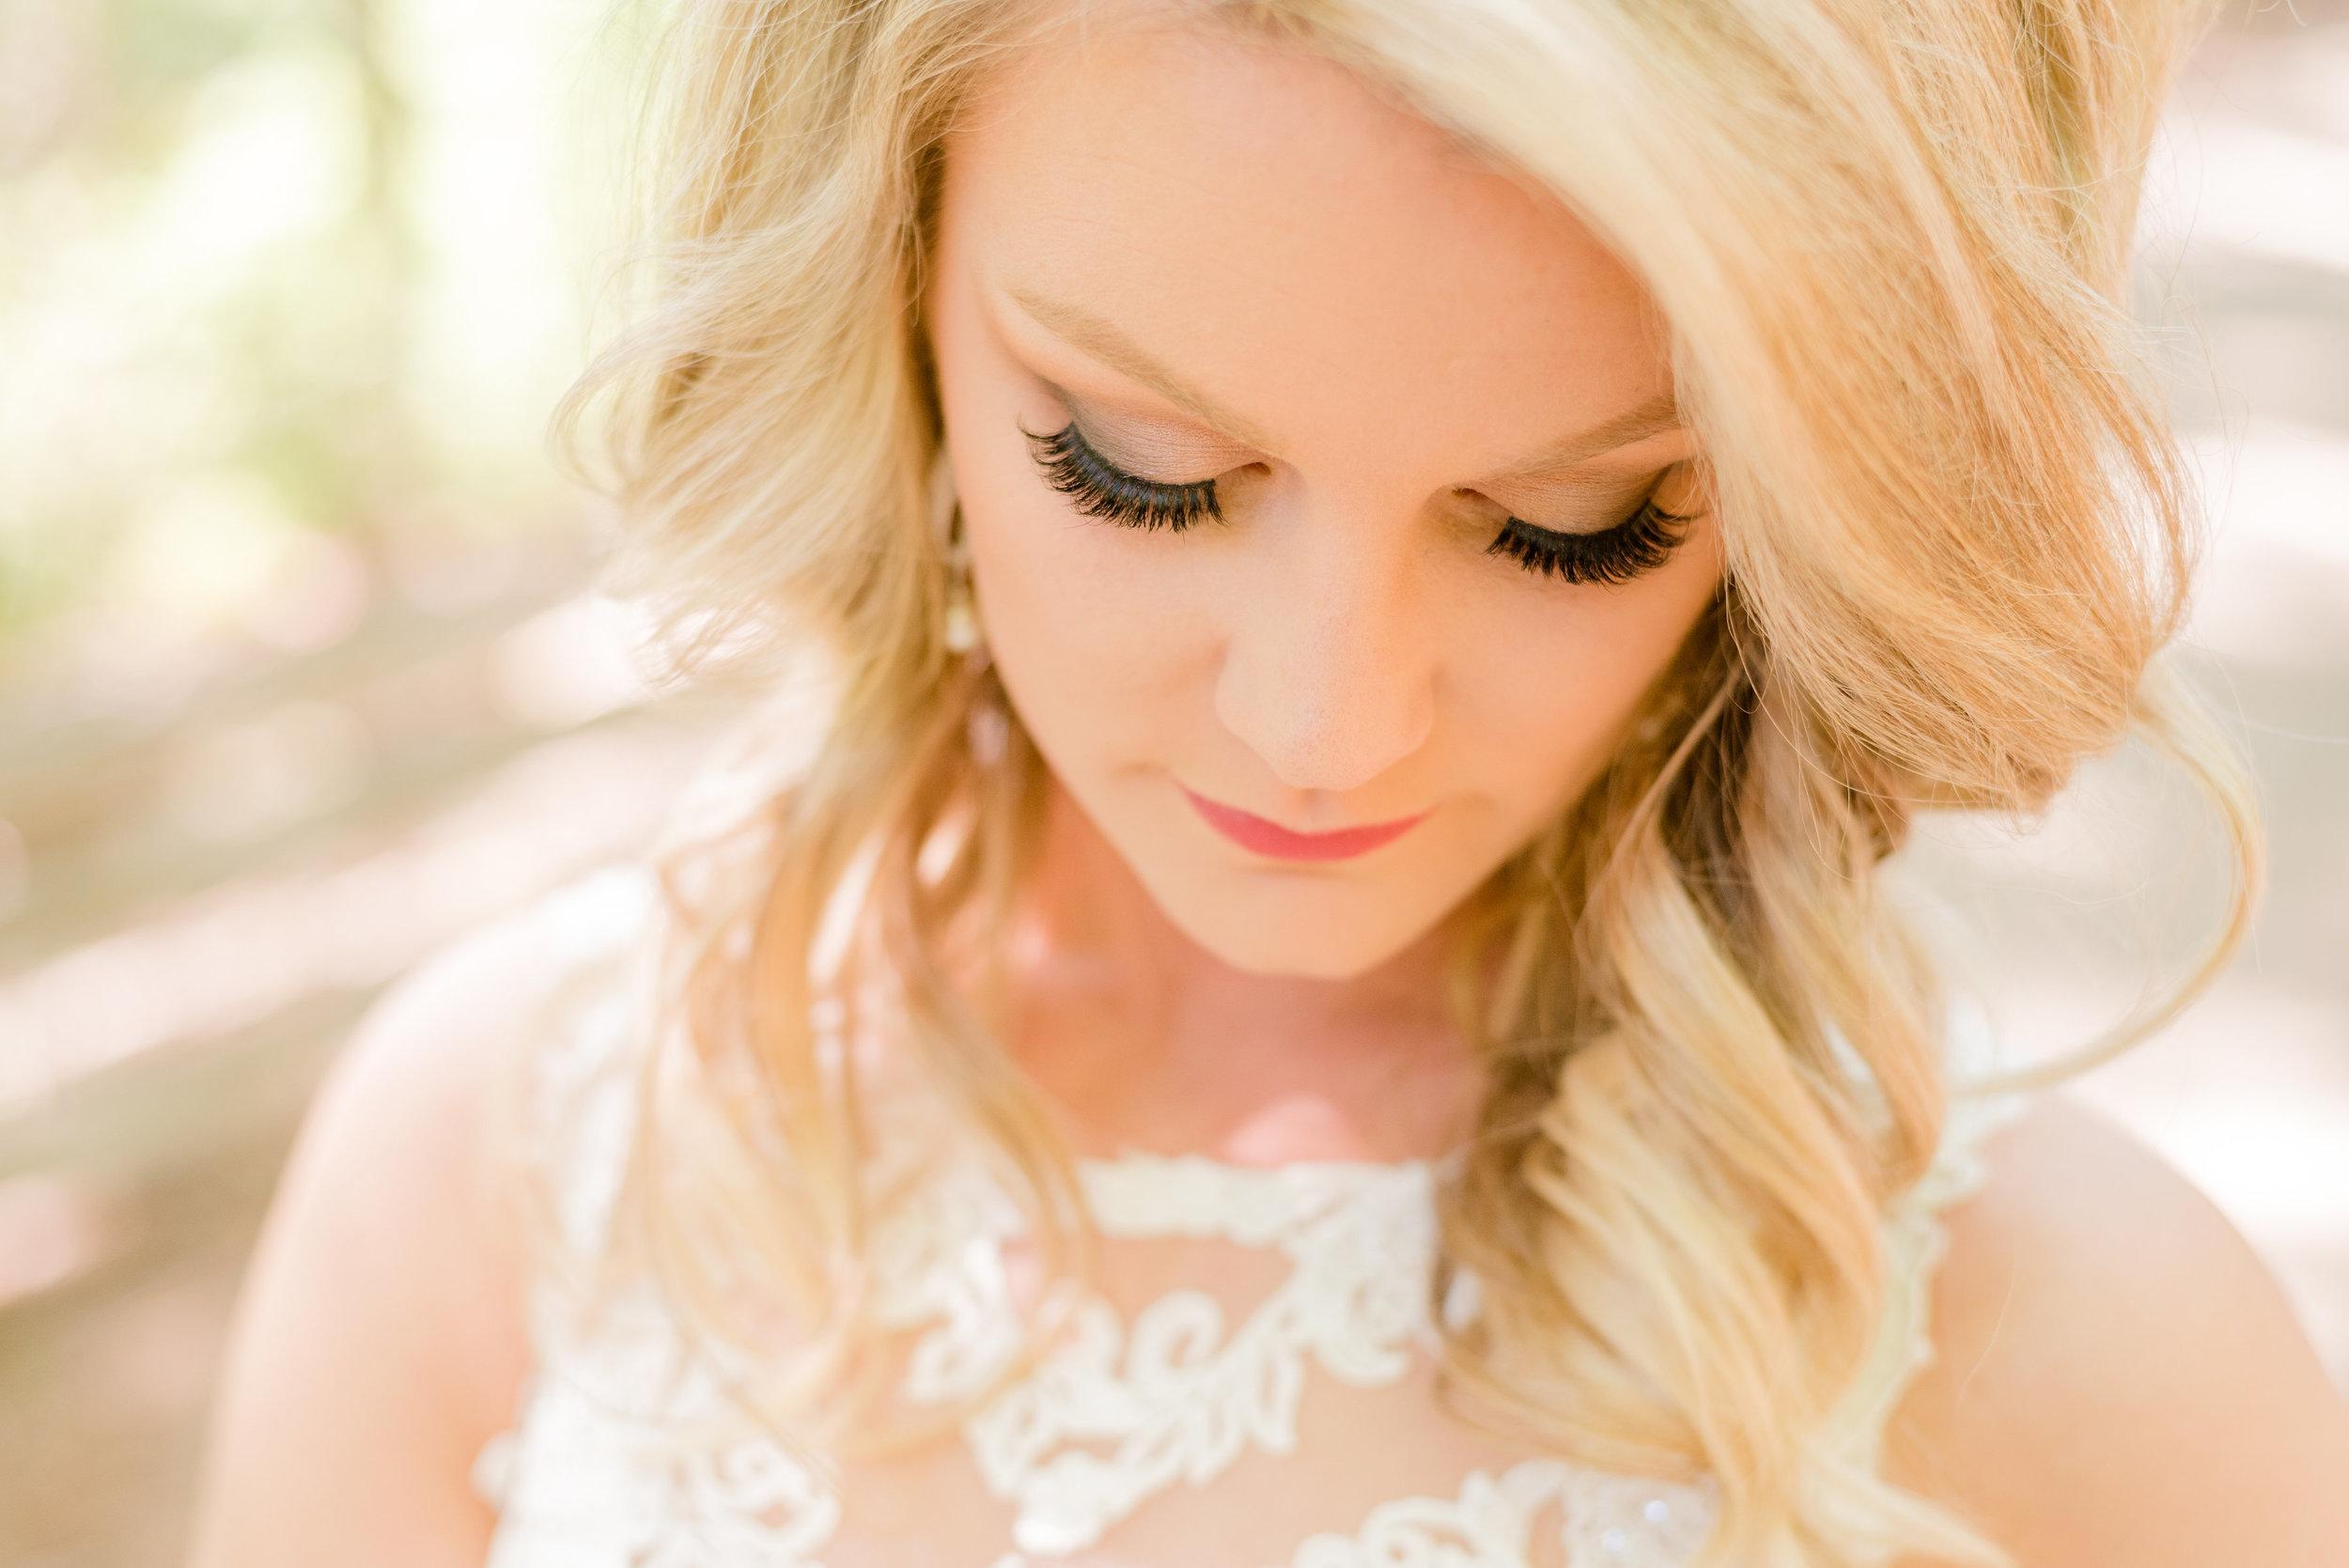 Ashley_Bridals-11.jpg